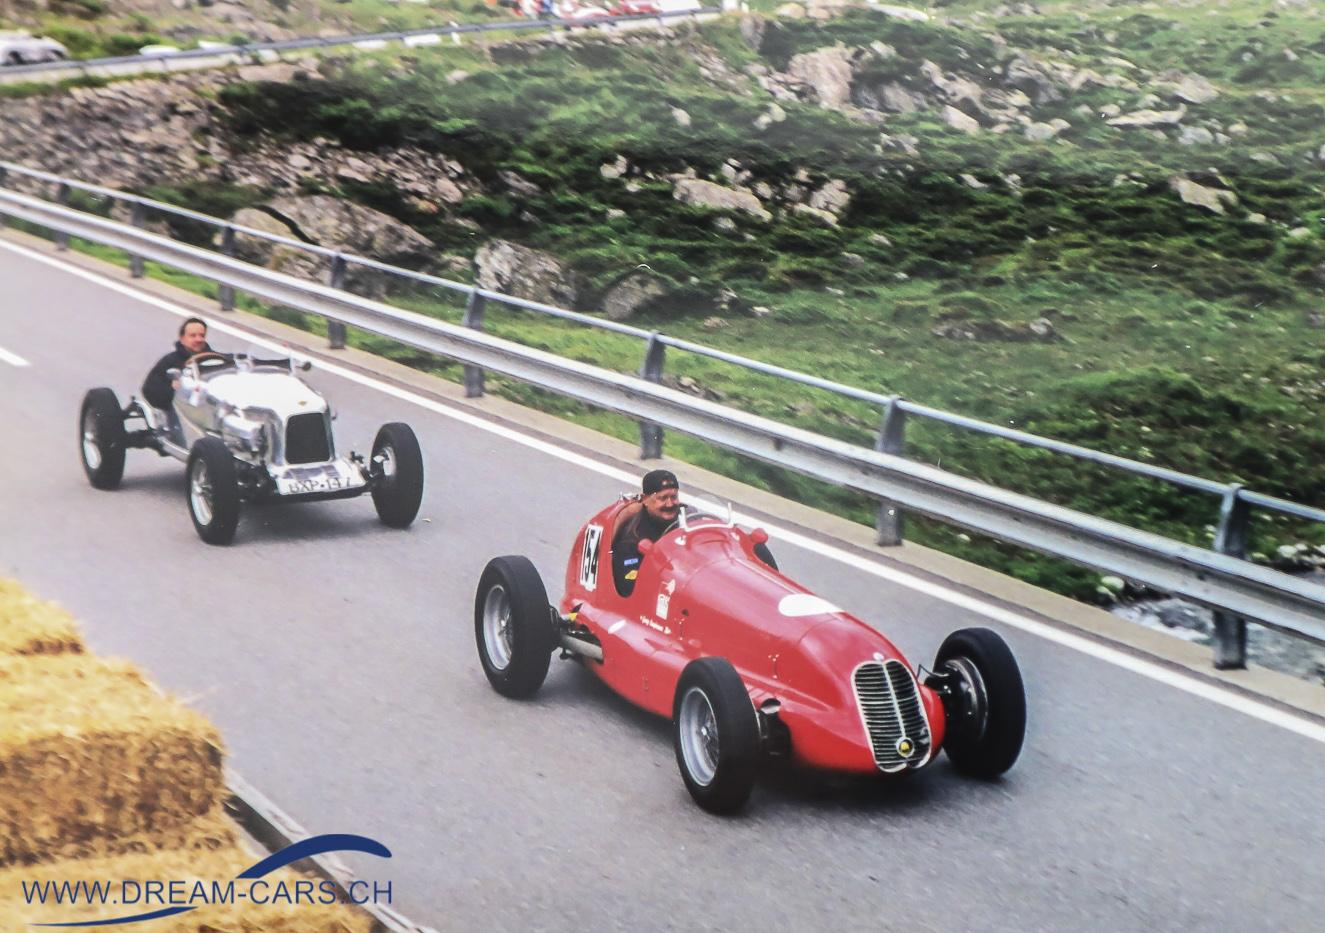 Georg Kaufmann im roten Maserati 4CL, dahinter Hans-Ruedi Portmann im Lagonda Rapier. Hans-Ruedi Portmann verstarb vor einigen Jahren bei einem Rennunfall in seinem Ford Mustang